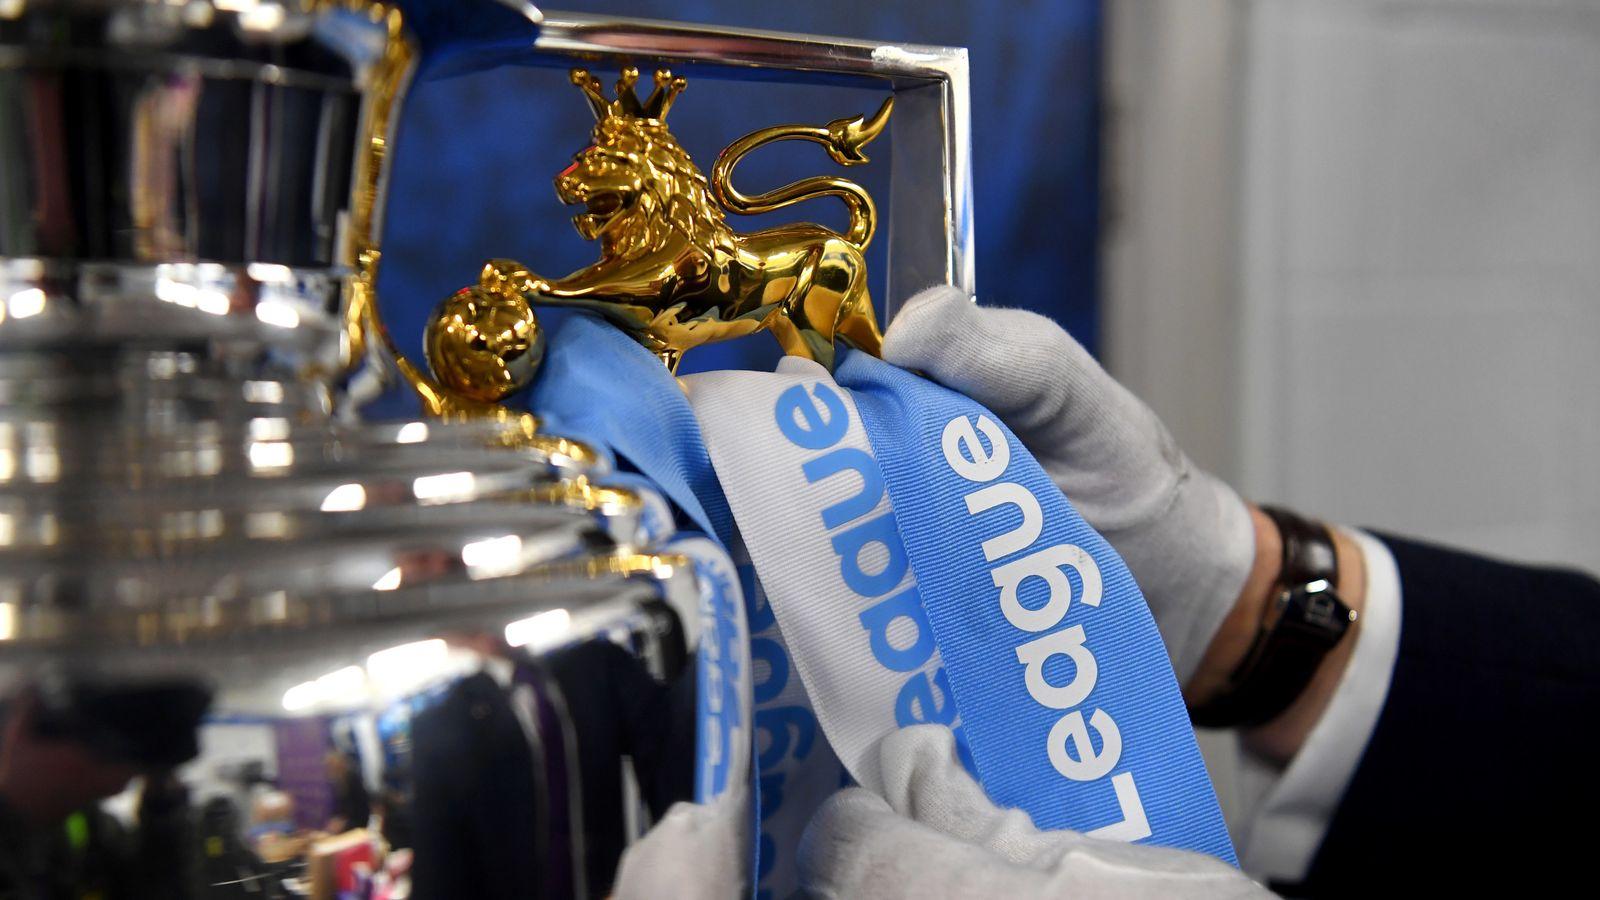 El jefe de la Premier League advierte sobre la pérdida de £ 1bn si la temporada no se completa | Noticias de futbol 59